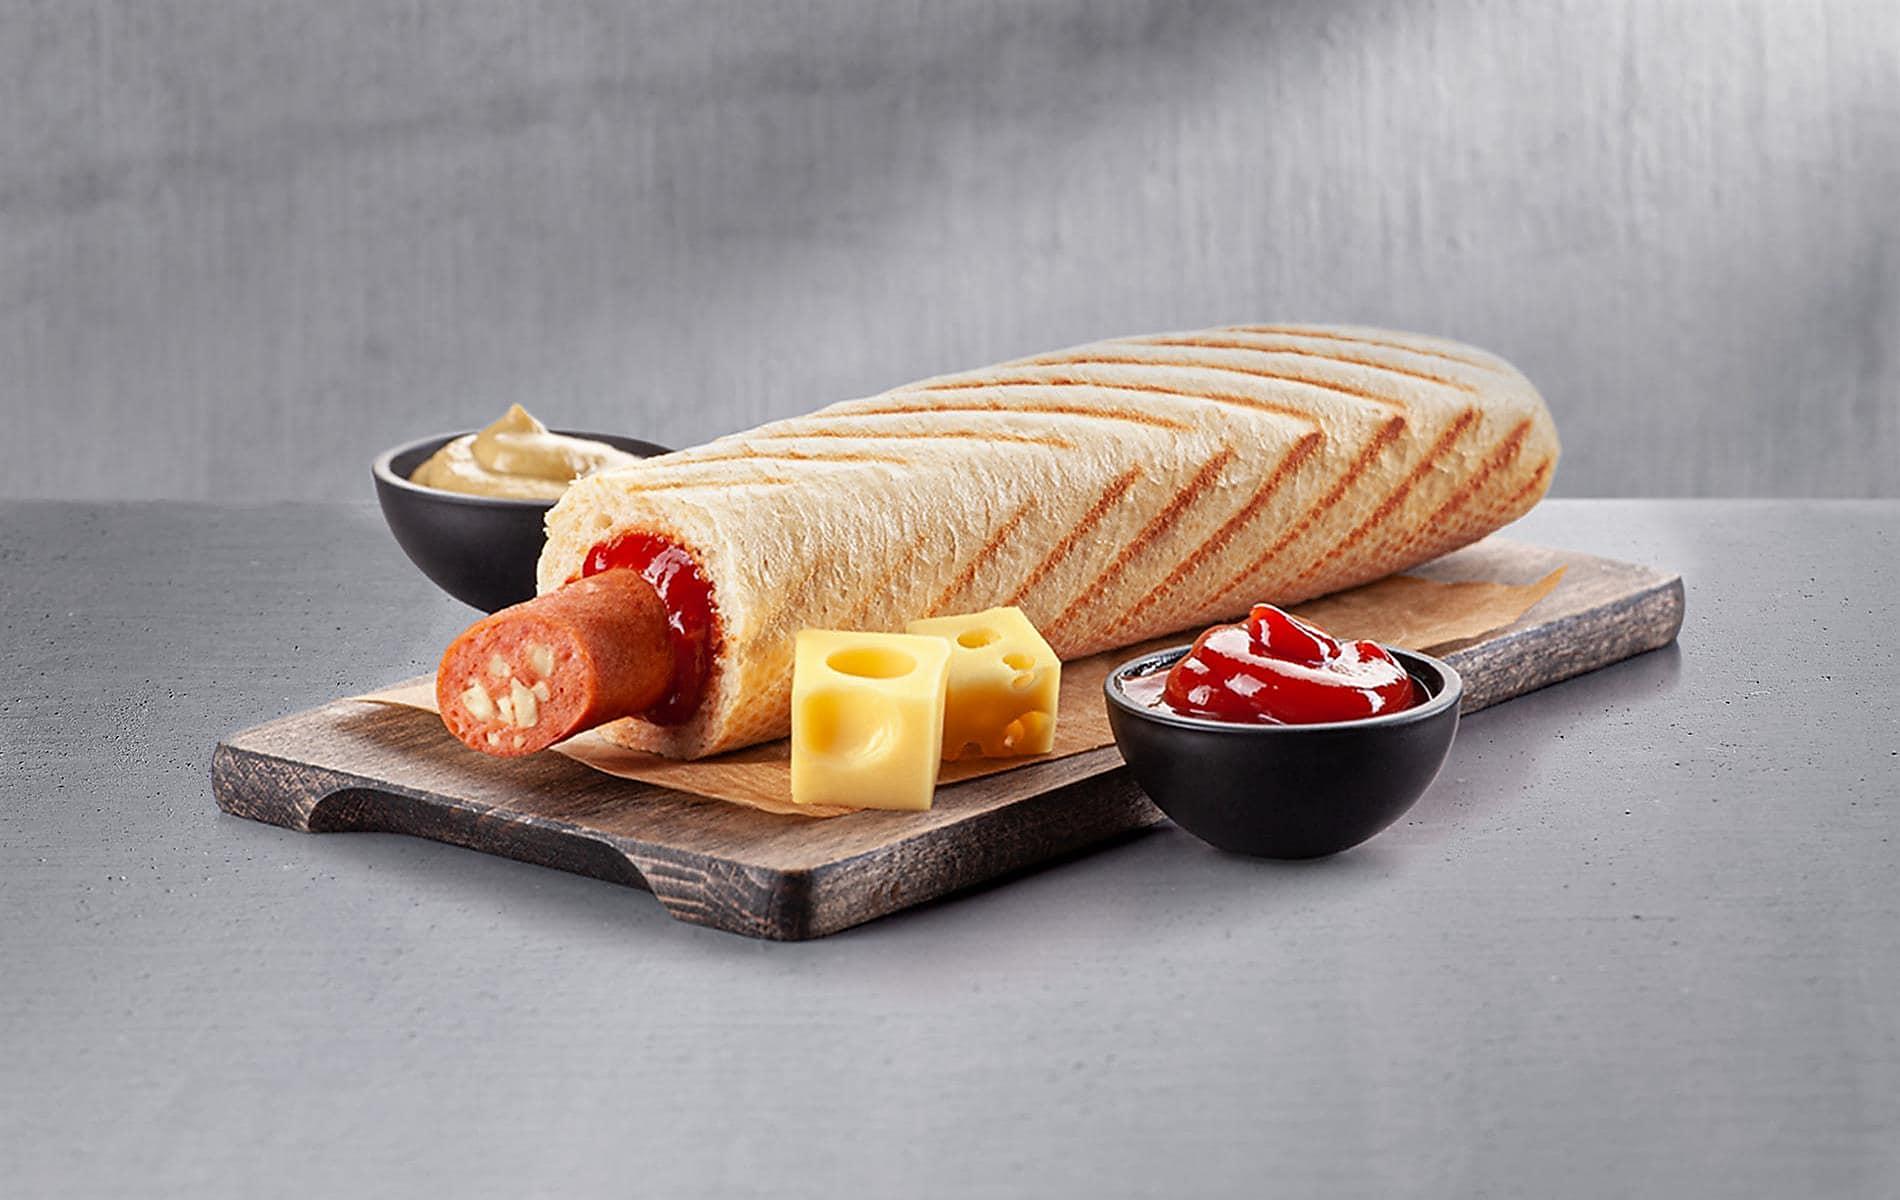 25 pont az új deli by Shell hotdog vásárlásakor